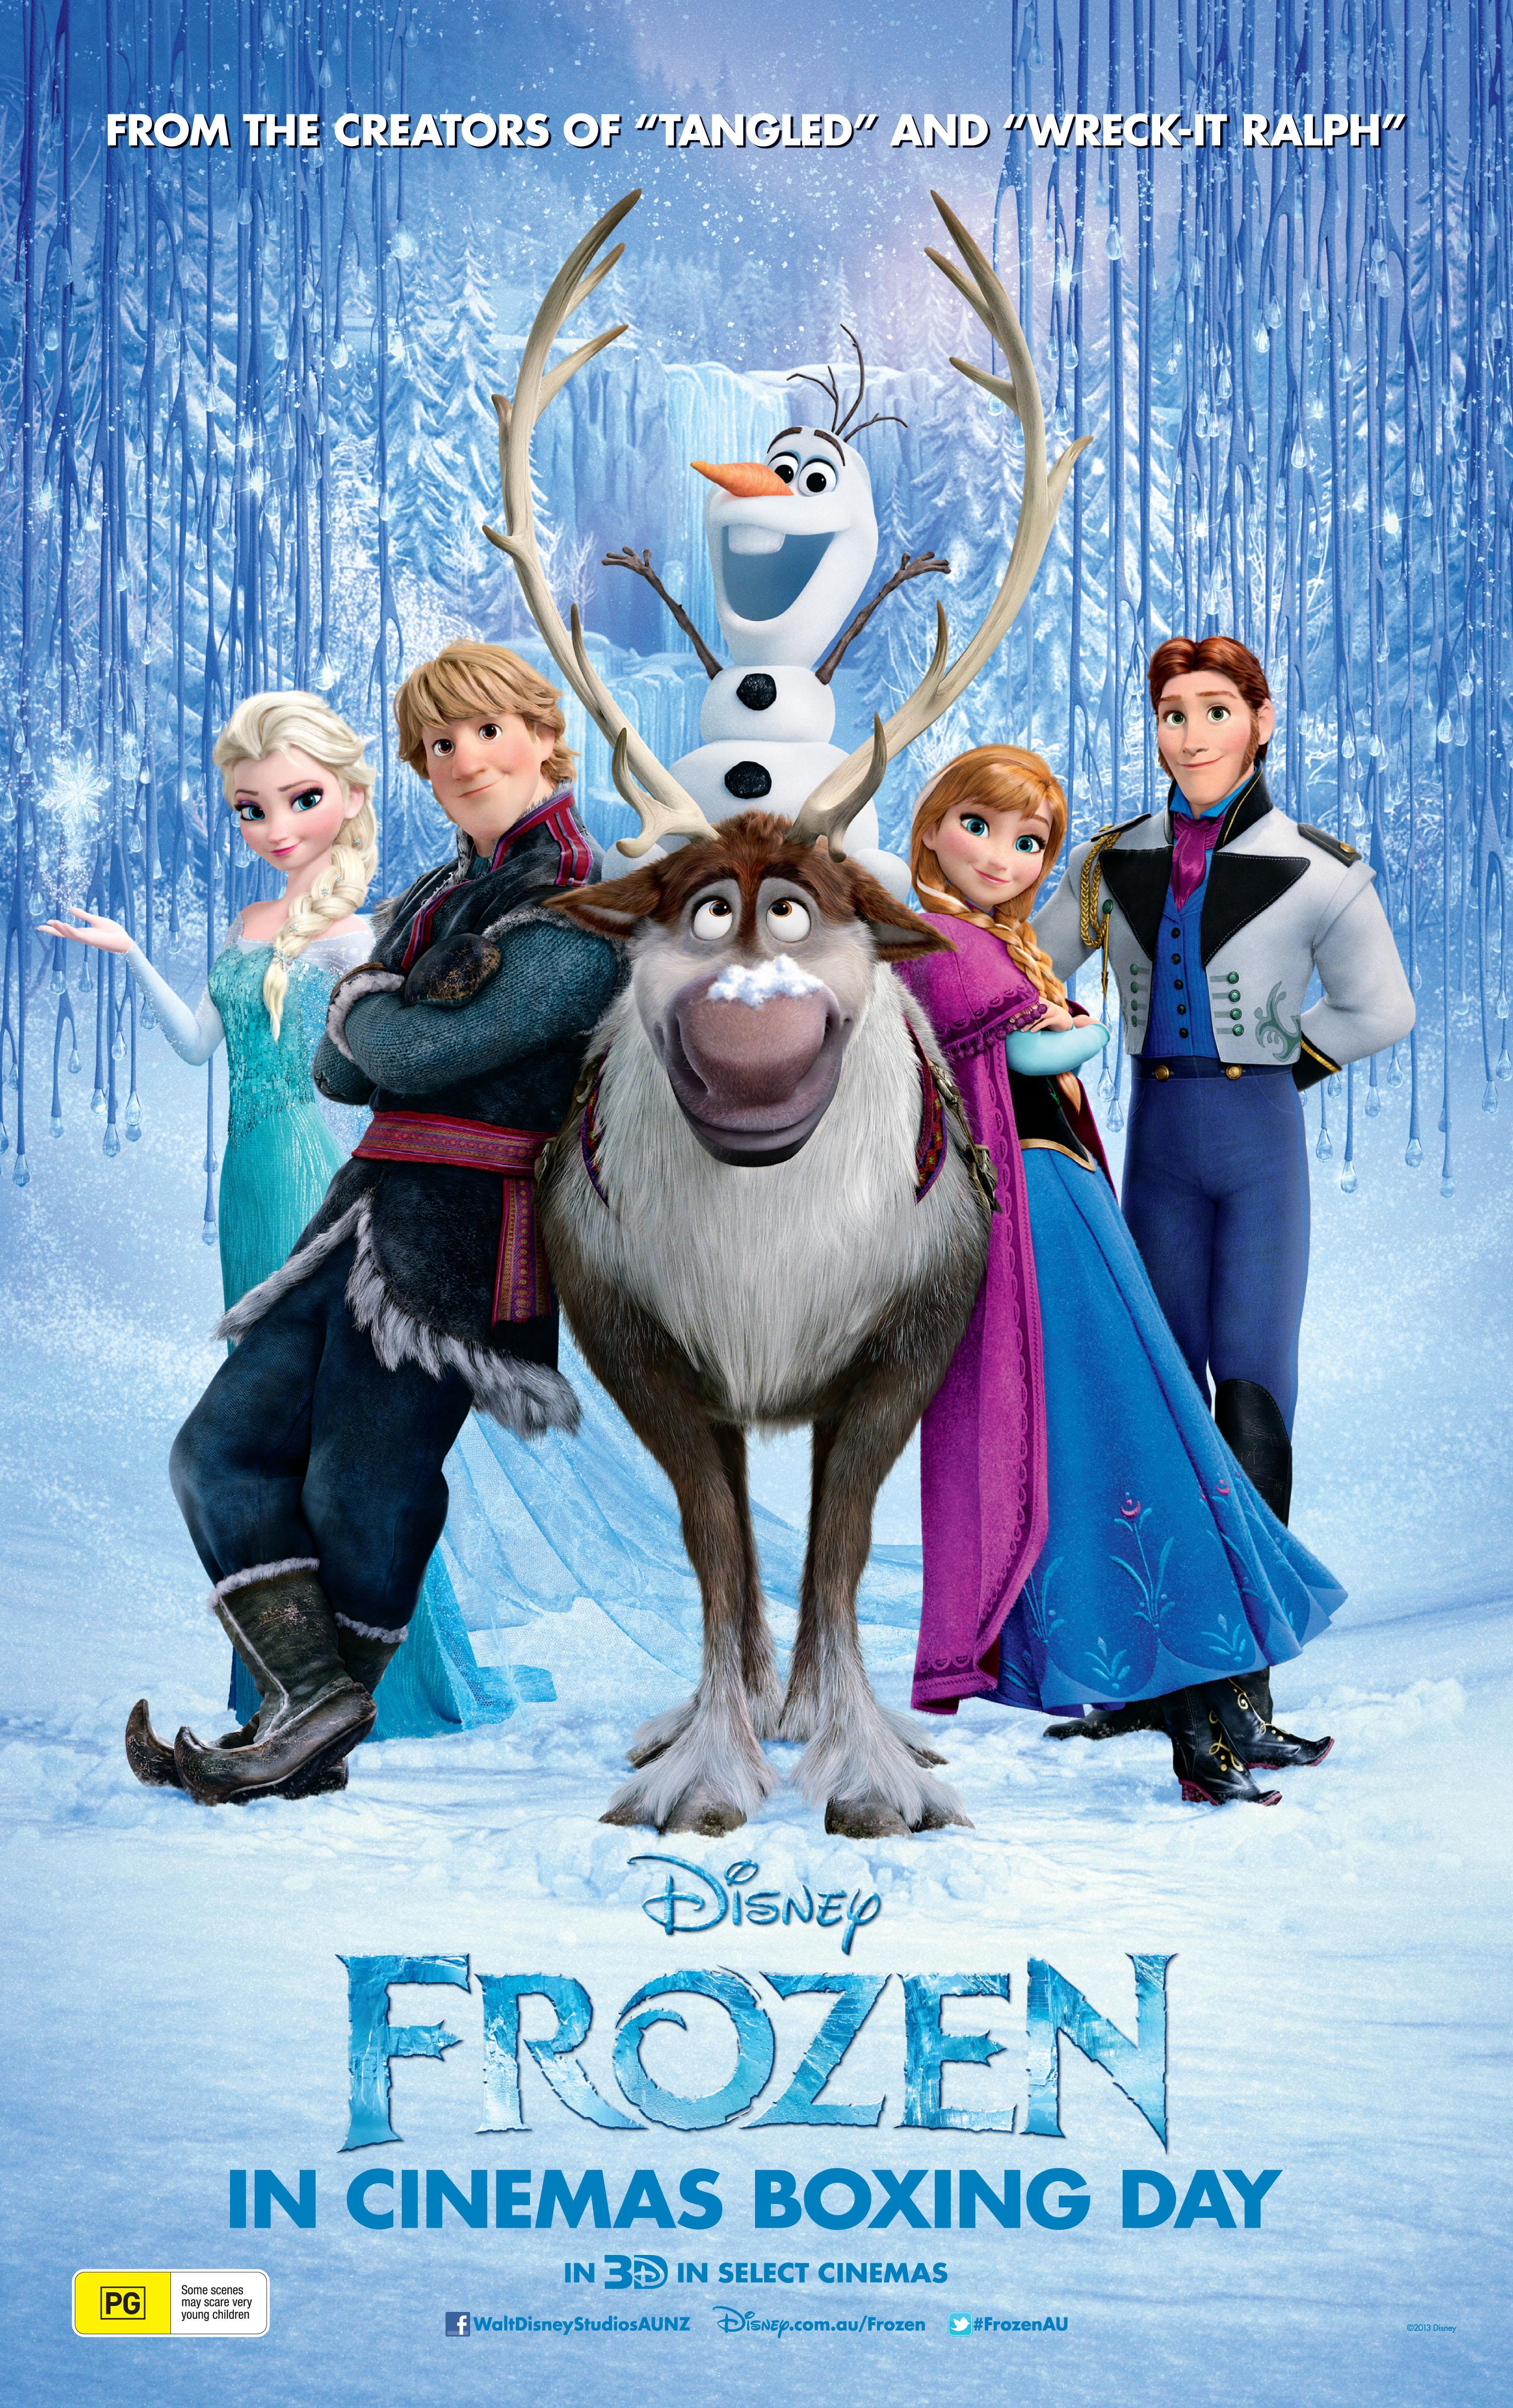 Frozen movie poster | Sheknows.com.au